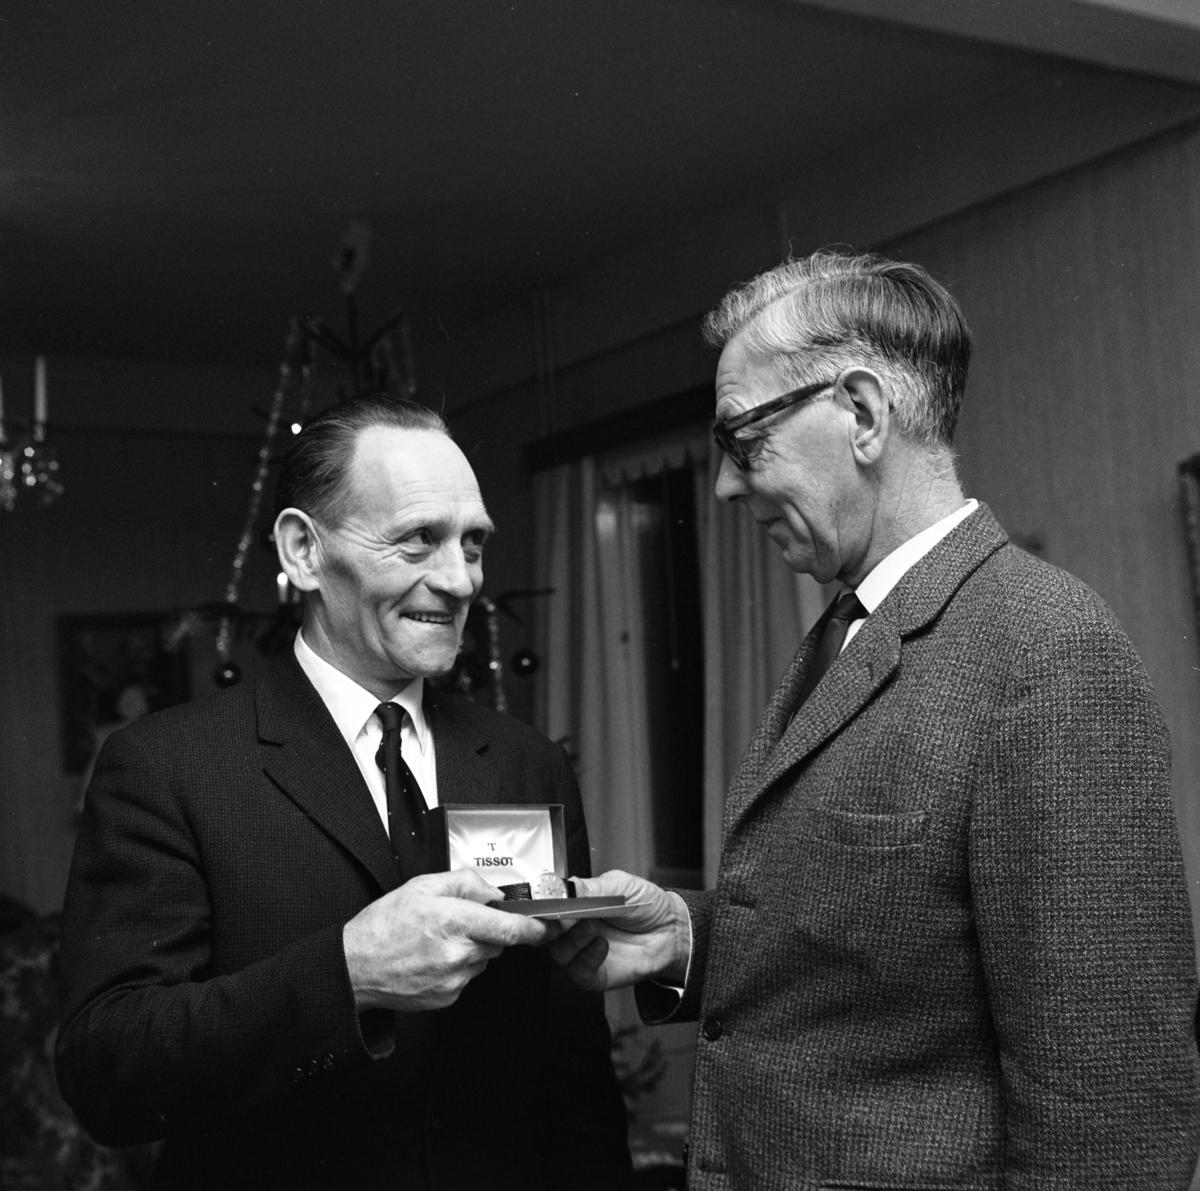 Einar Larsson i Hamre får en armbandsklocka. En man tar emot en gåva av en annan man. I bakgrunden ses en julgran.